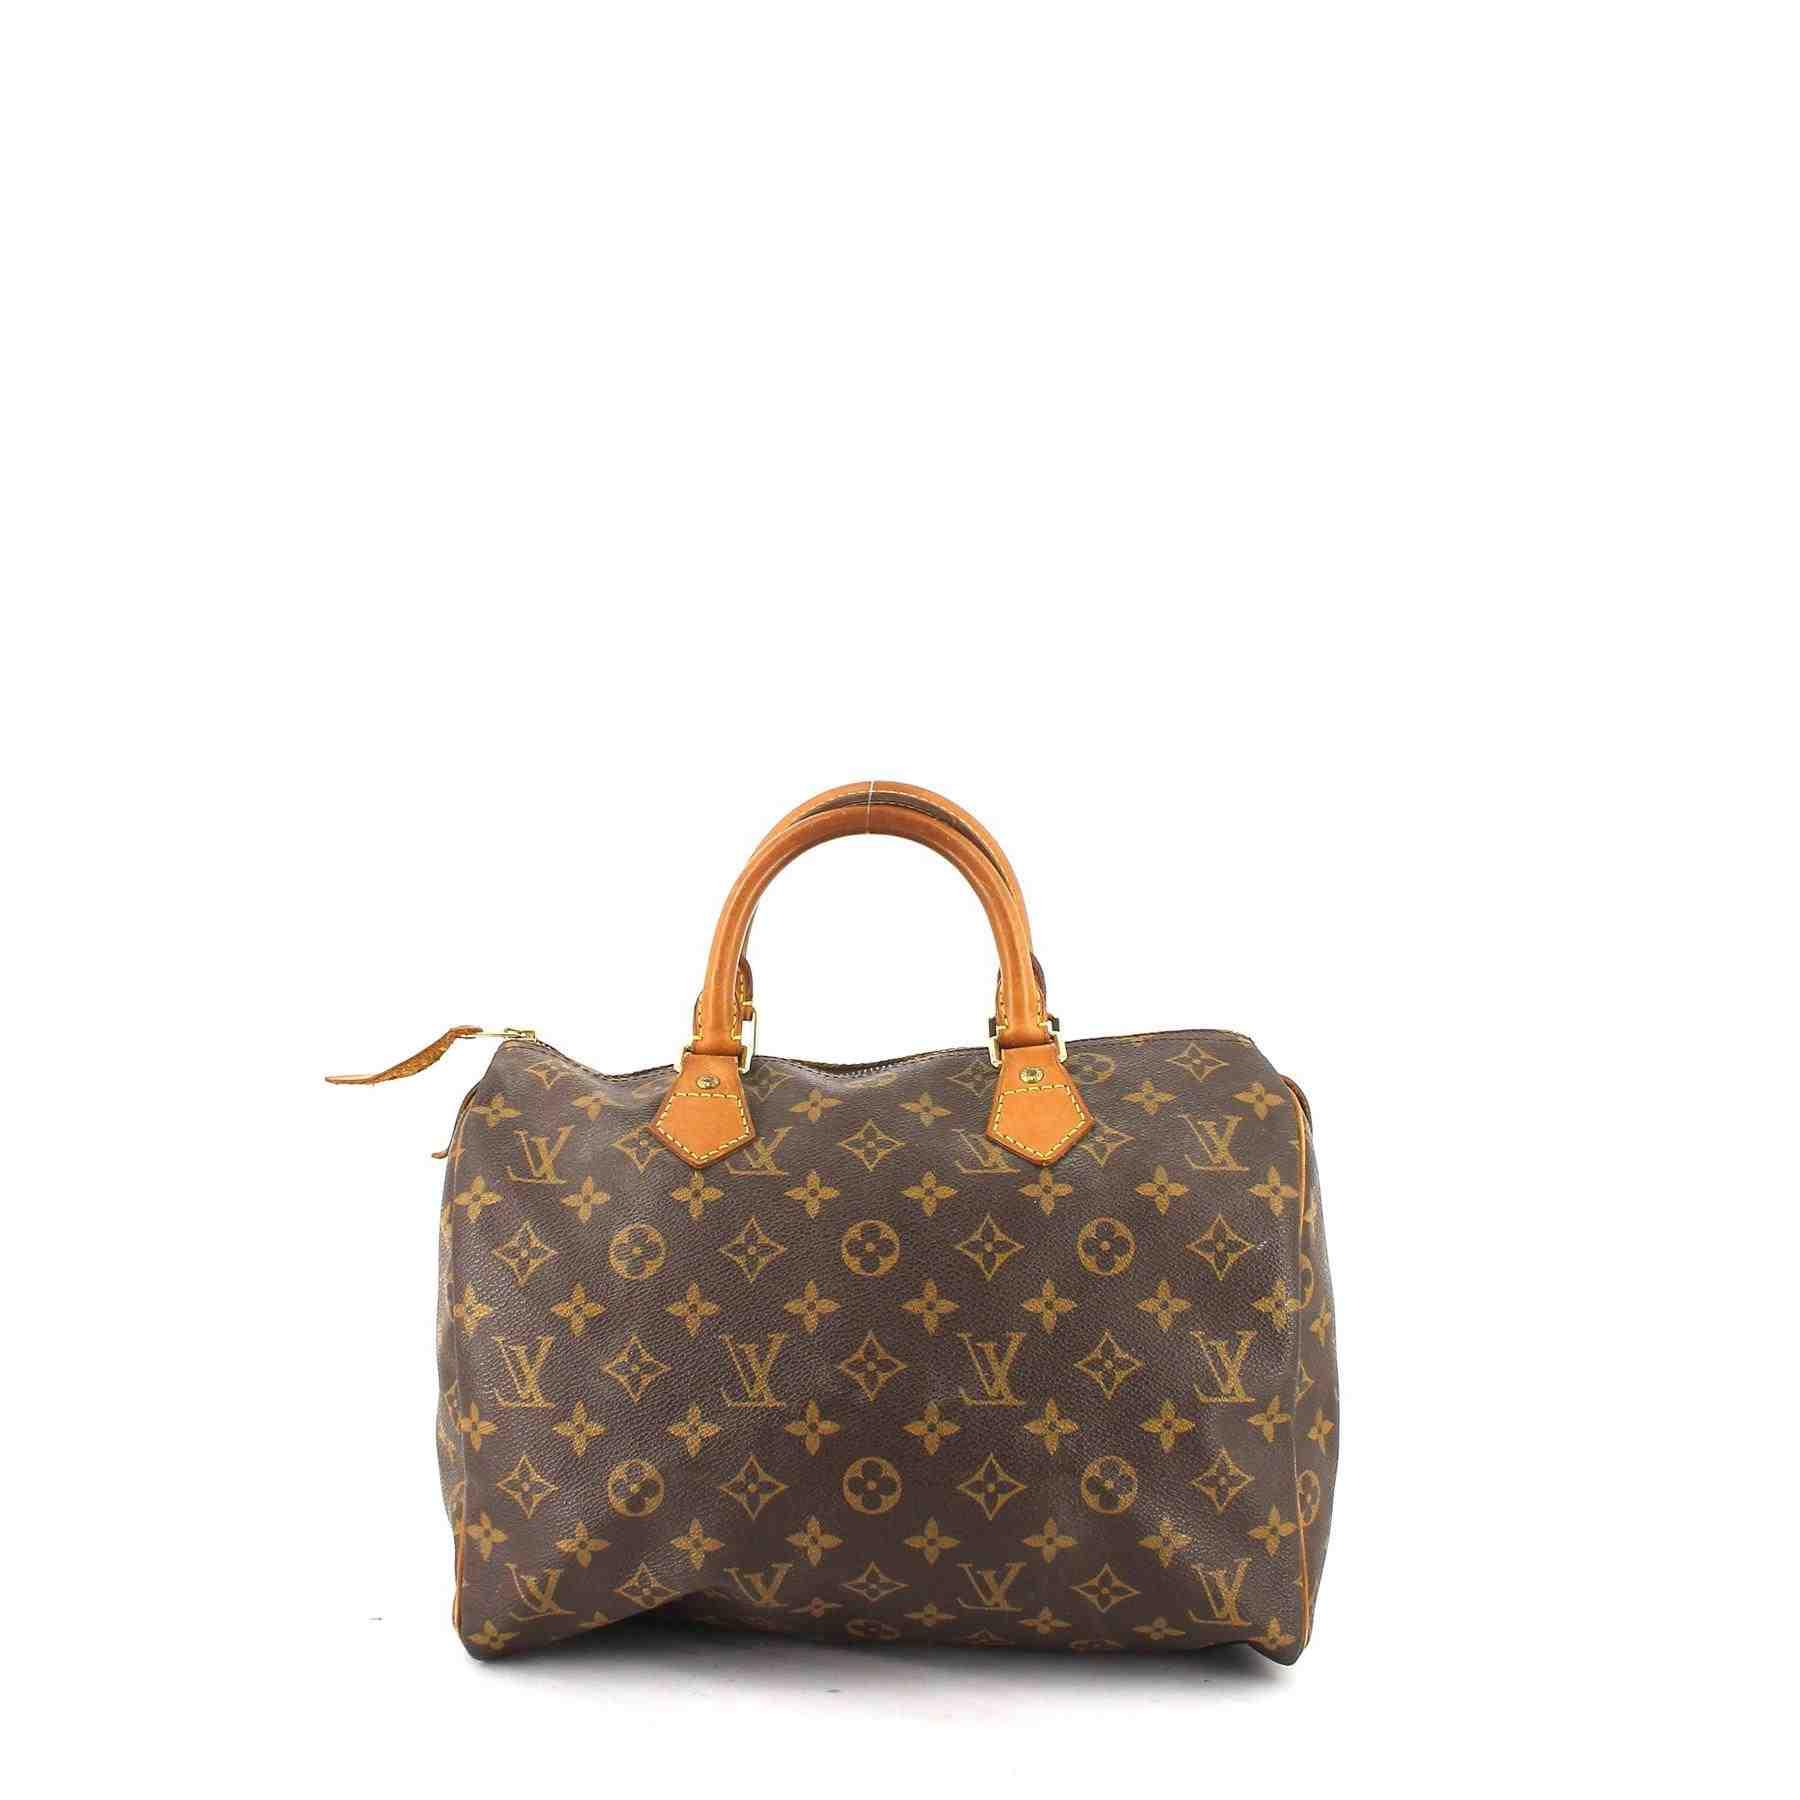 Où sont fabriqués les sacs Hermès?